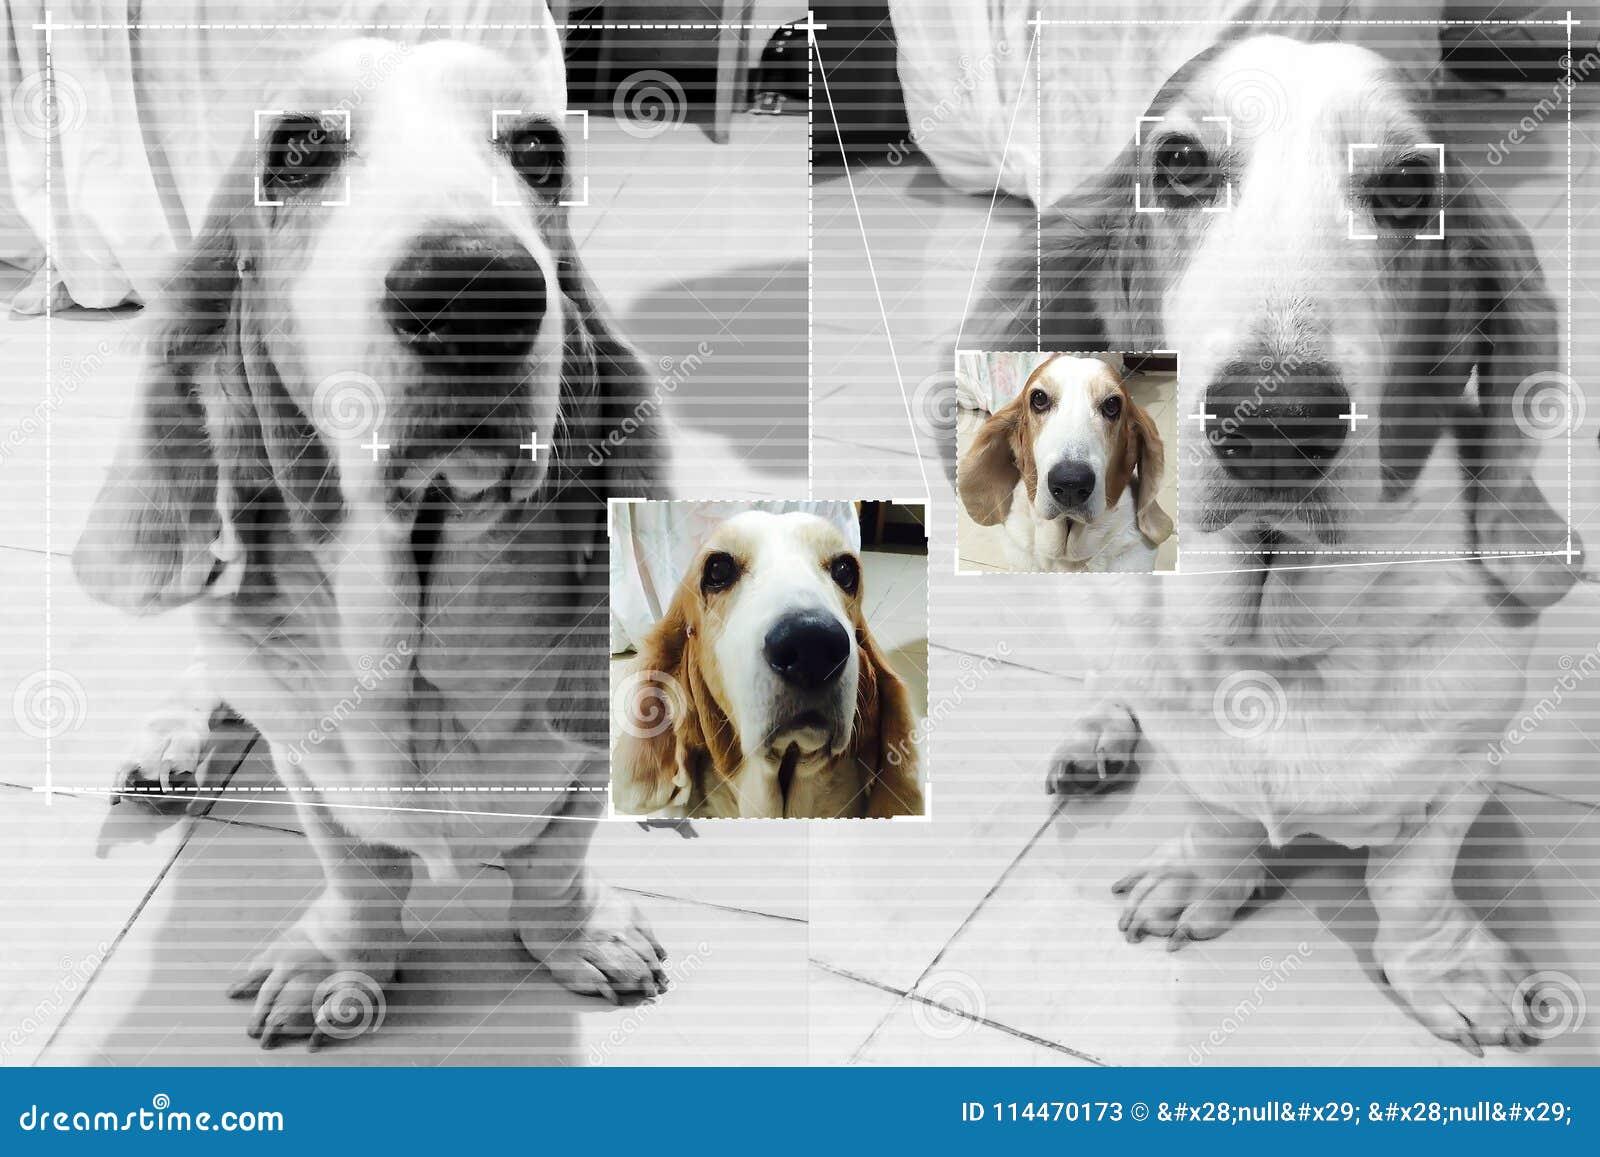 Stawia czoło detekcyjną technologię dla psiego baseta ogara z parawanowym detec